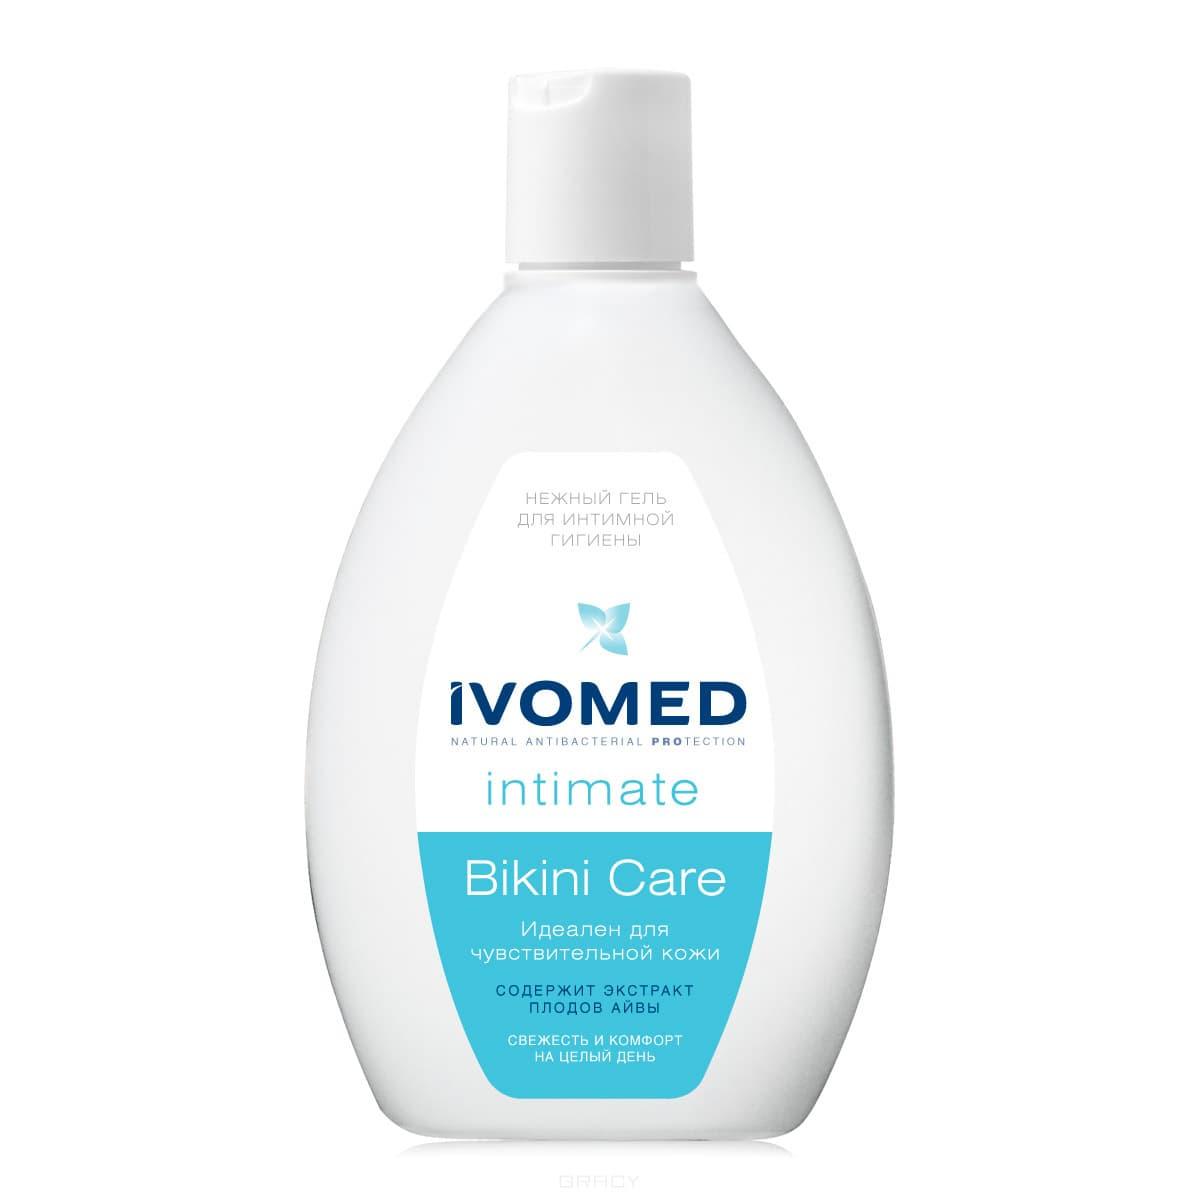 Ivomed - Гель для интимной гигиены с экстрактом Айвы Bikini Care, 250 мл